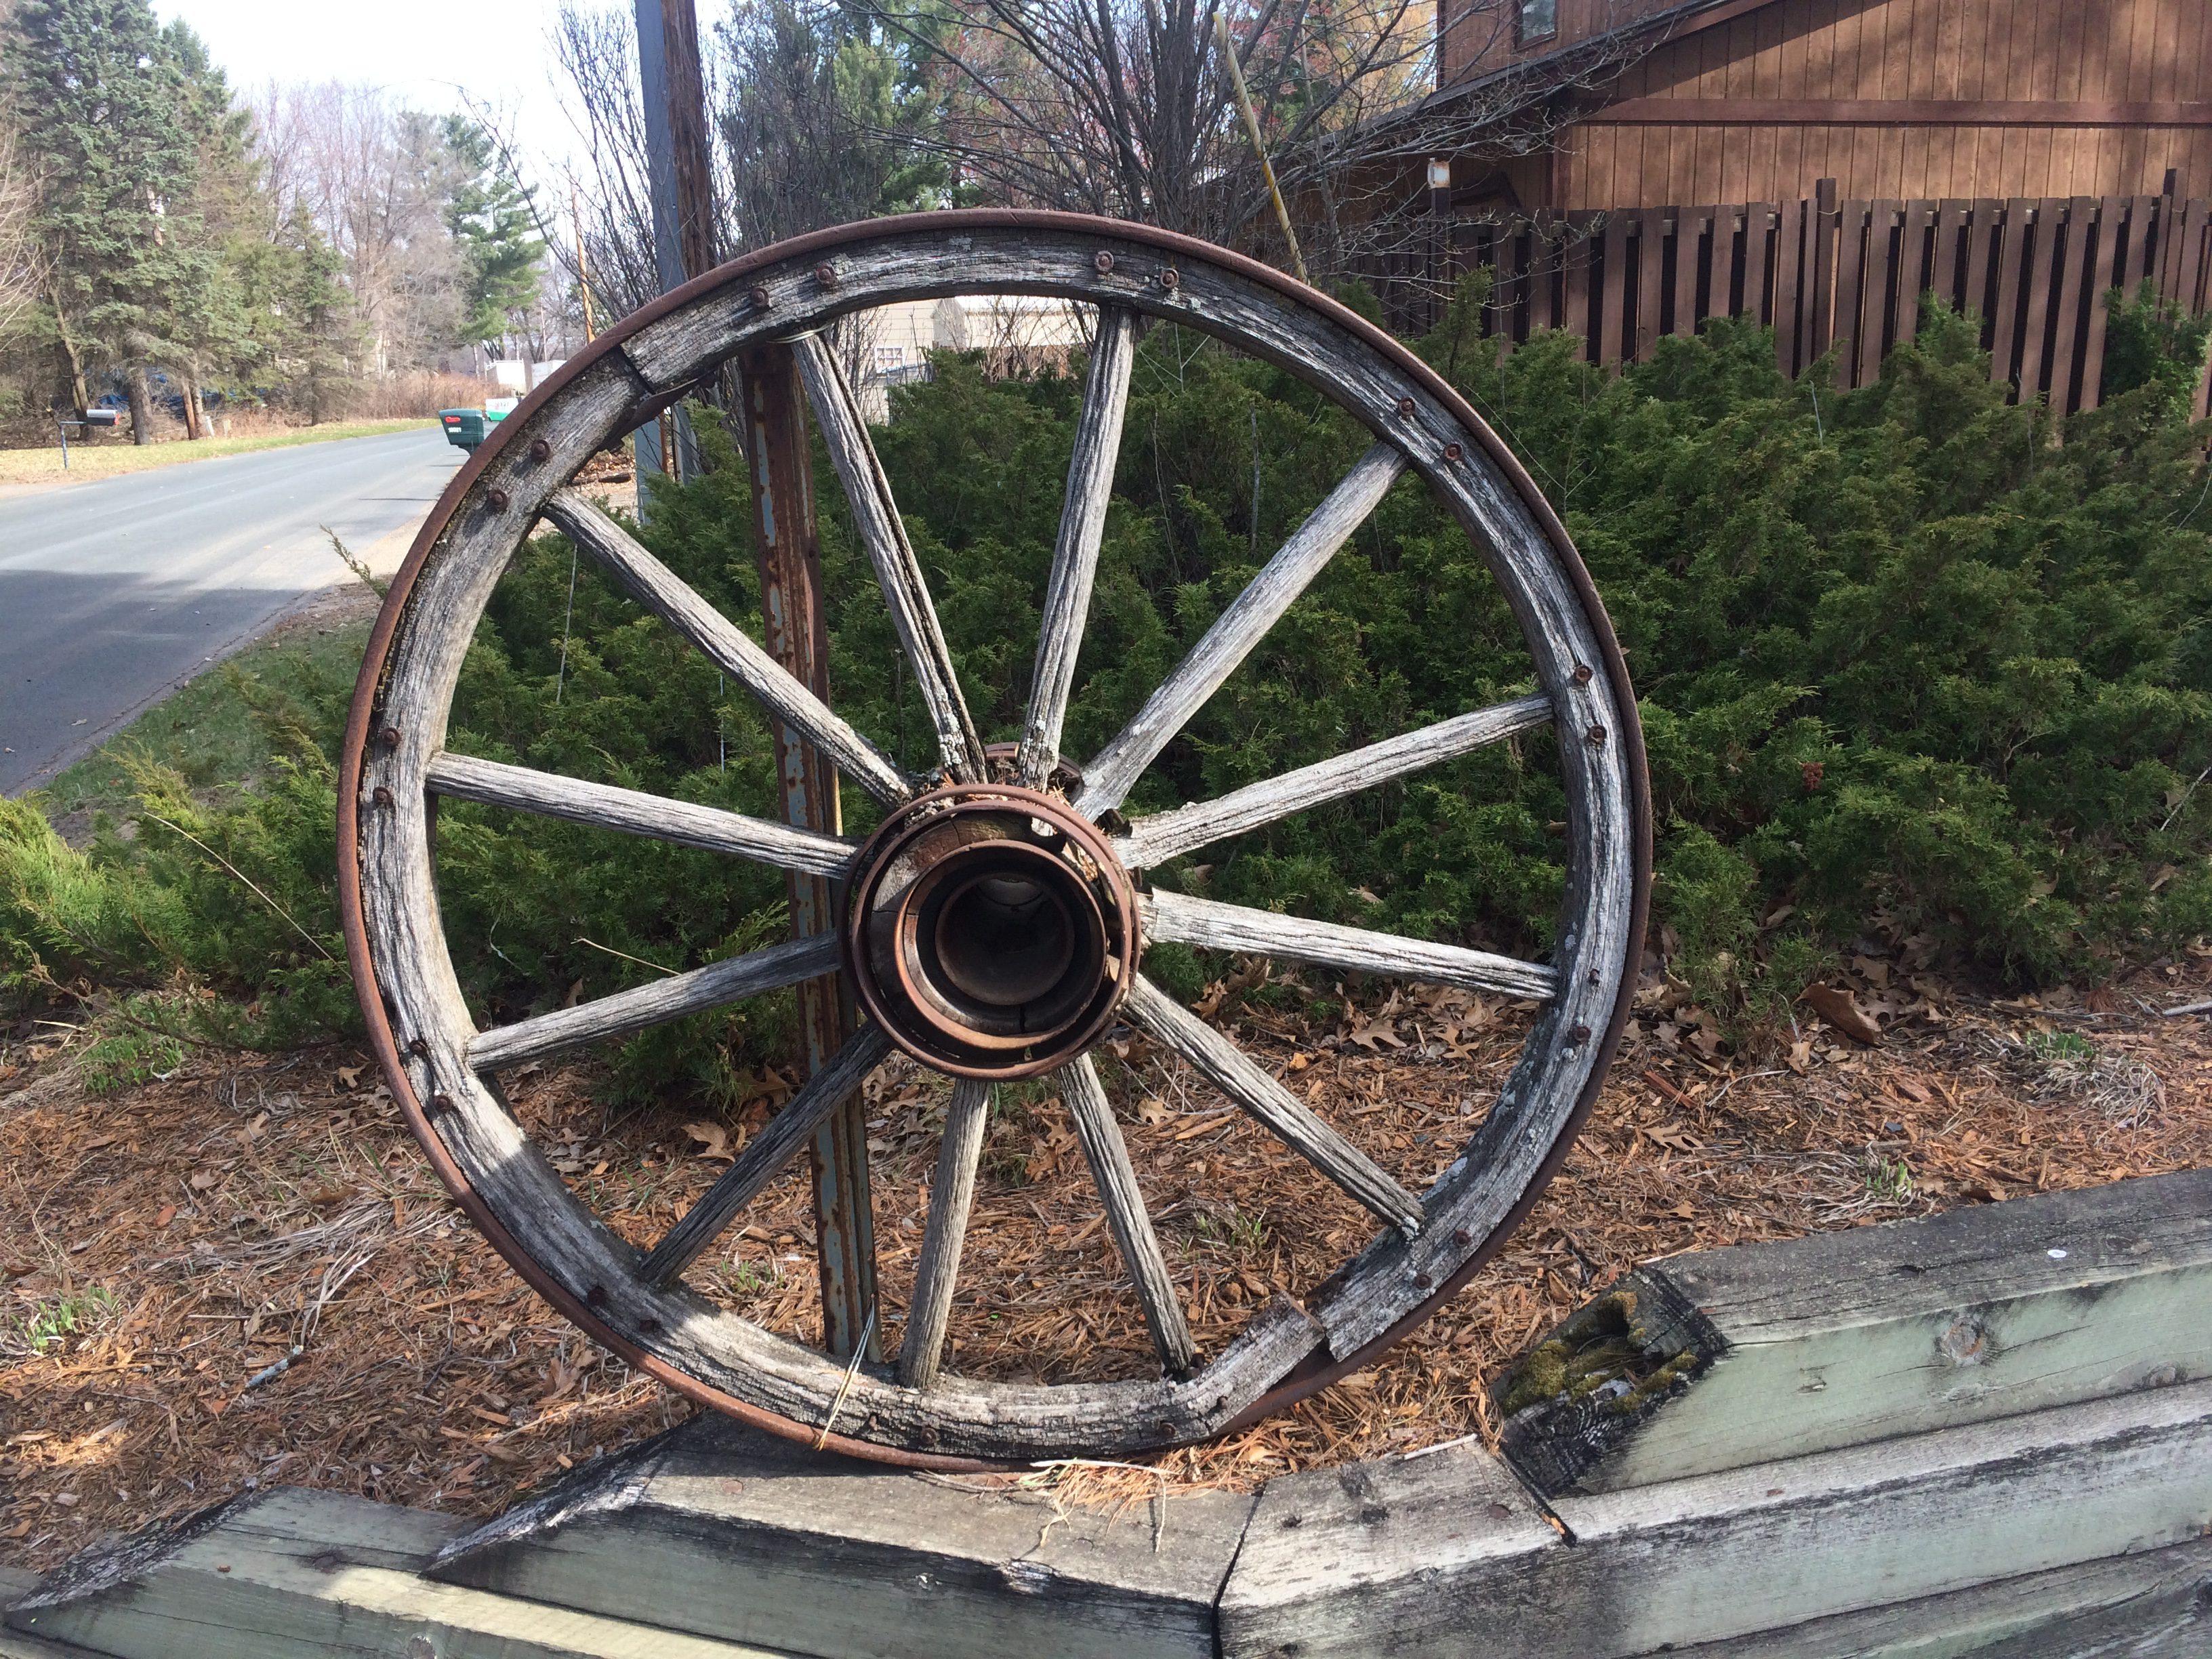 The Wagon Wheel Mystery – Fun Living